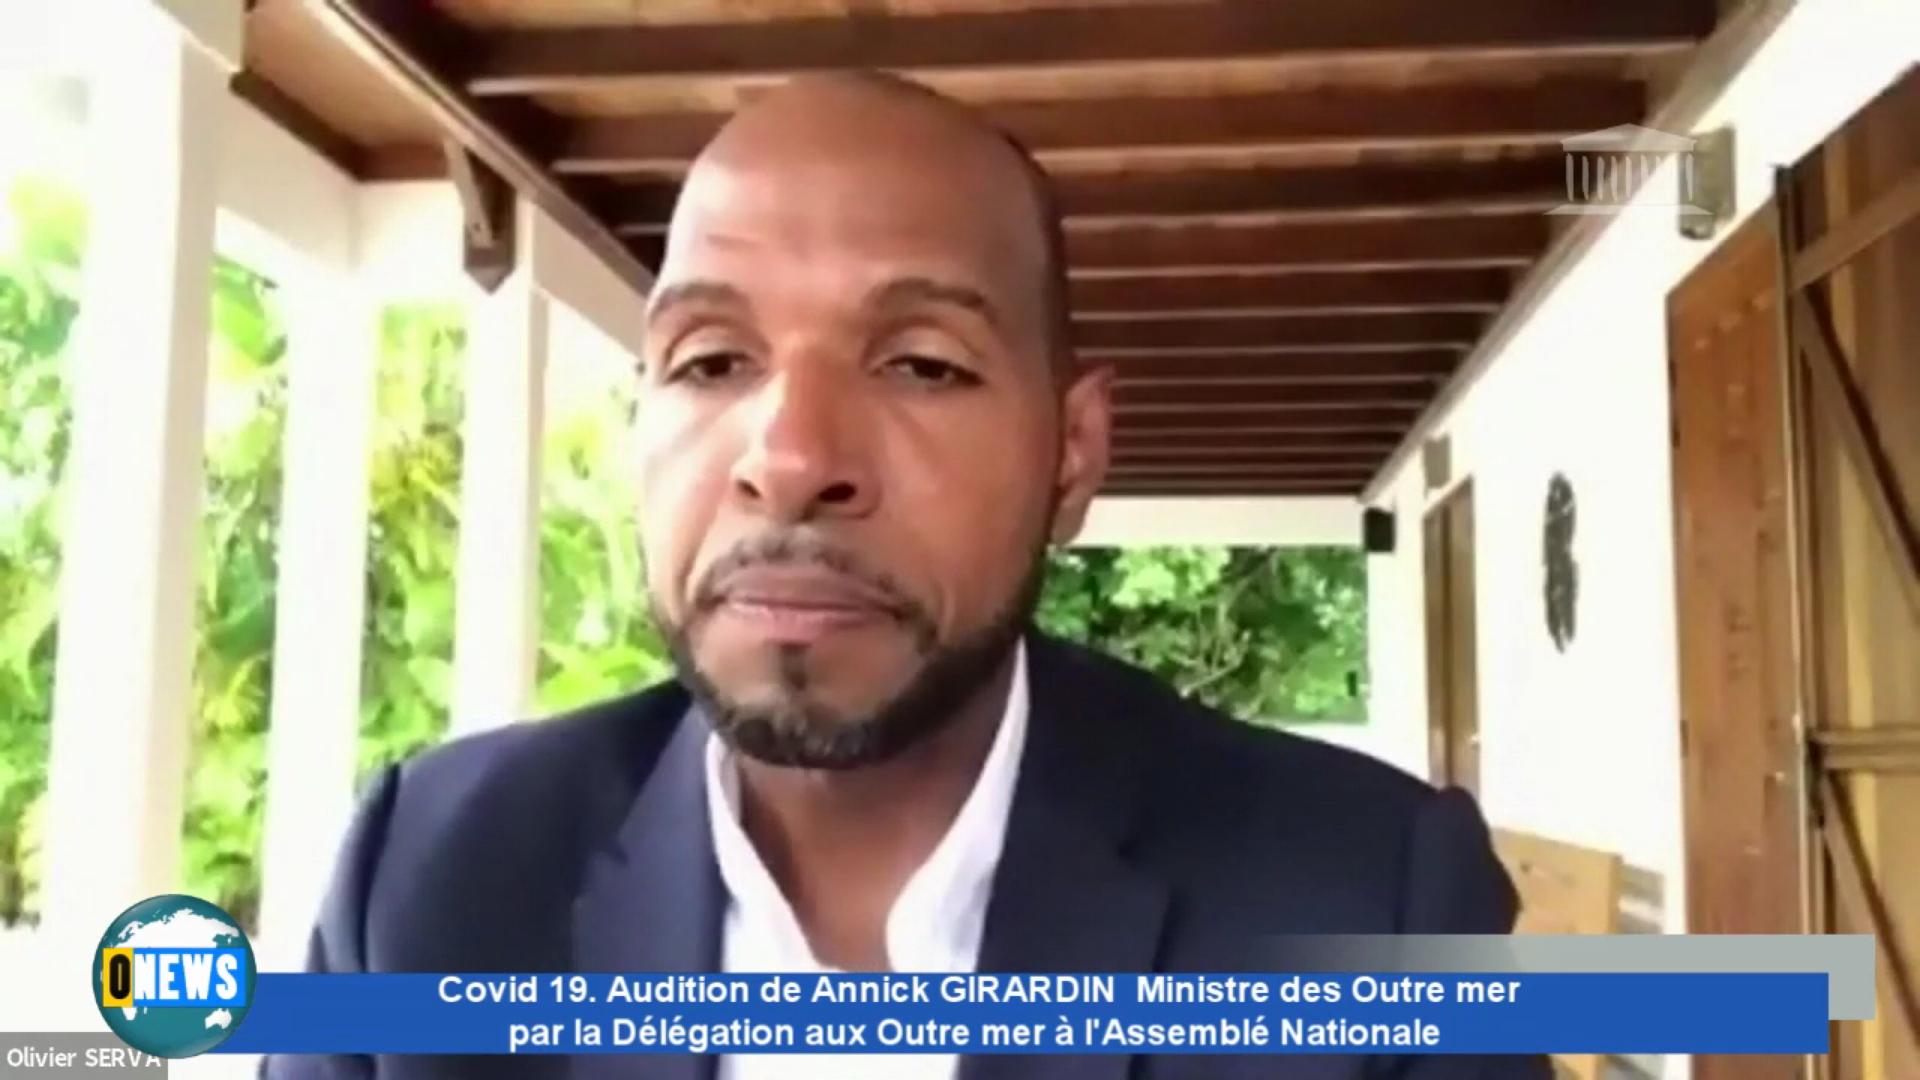 [Vidéo] Covid 19. Audition de Annick GIRARDIN par la délégation aux Outre mer à l Assemblée Nationale.